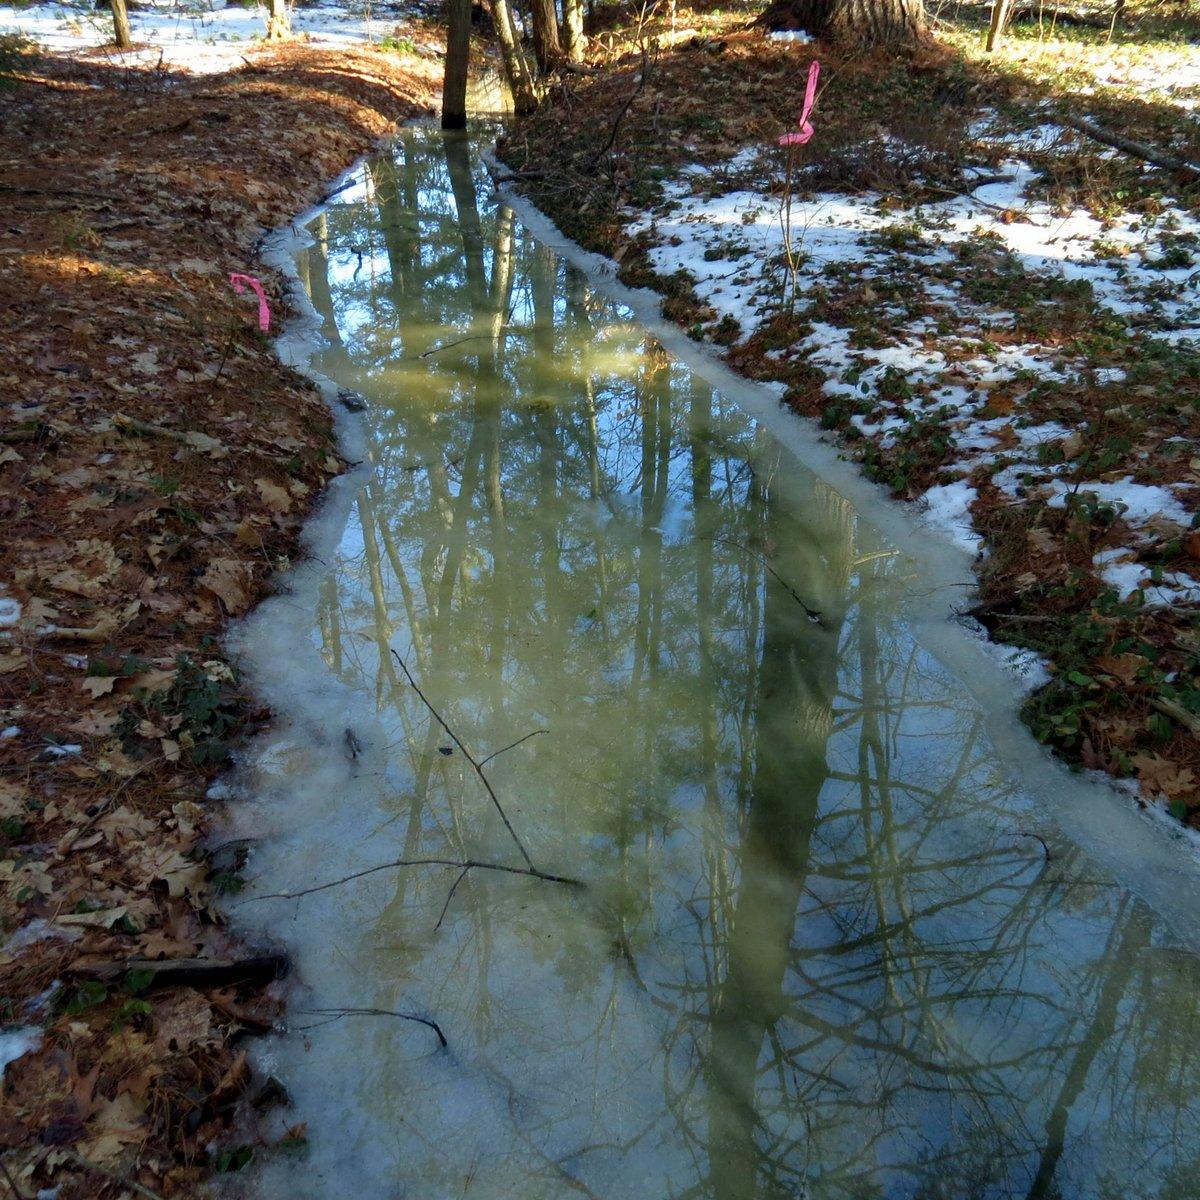 3. Frozen Stream